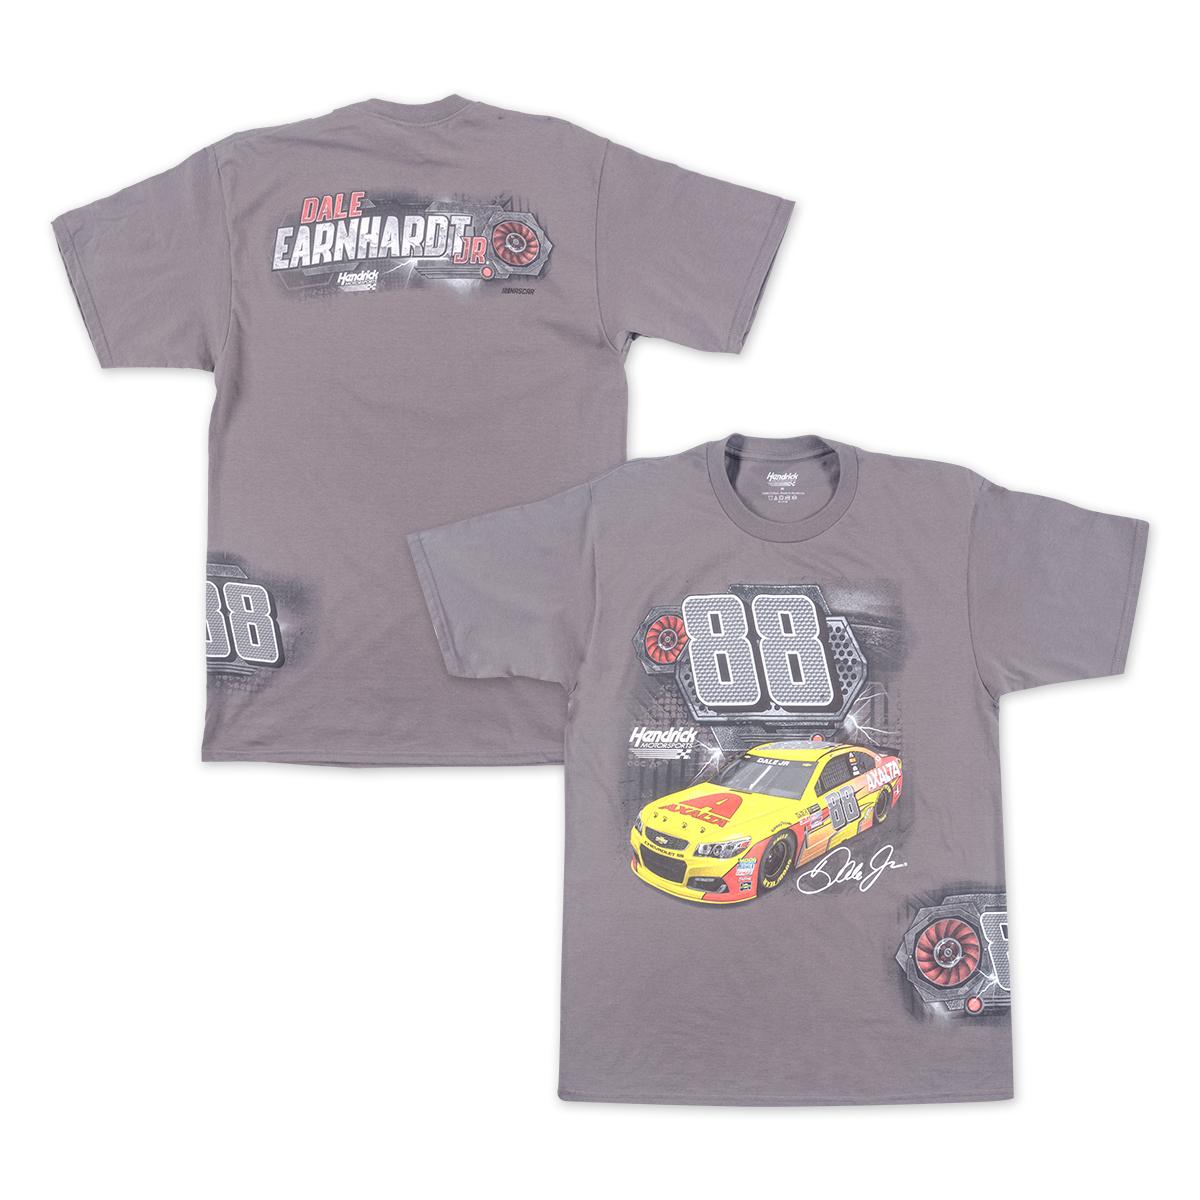 Dale Earnhardt Jr Axalta Burnout T-shirt